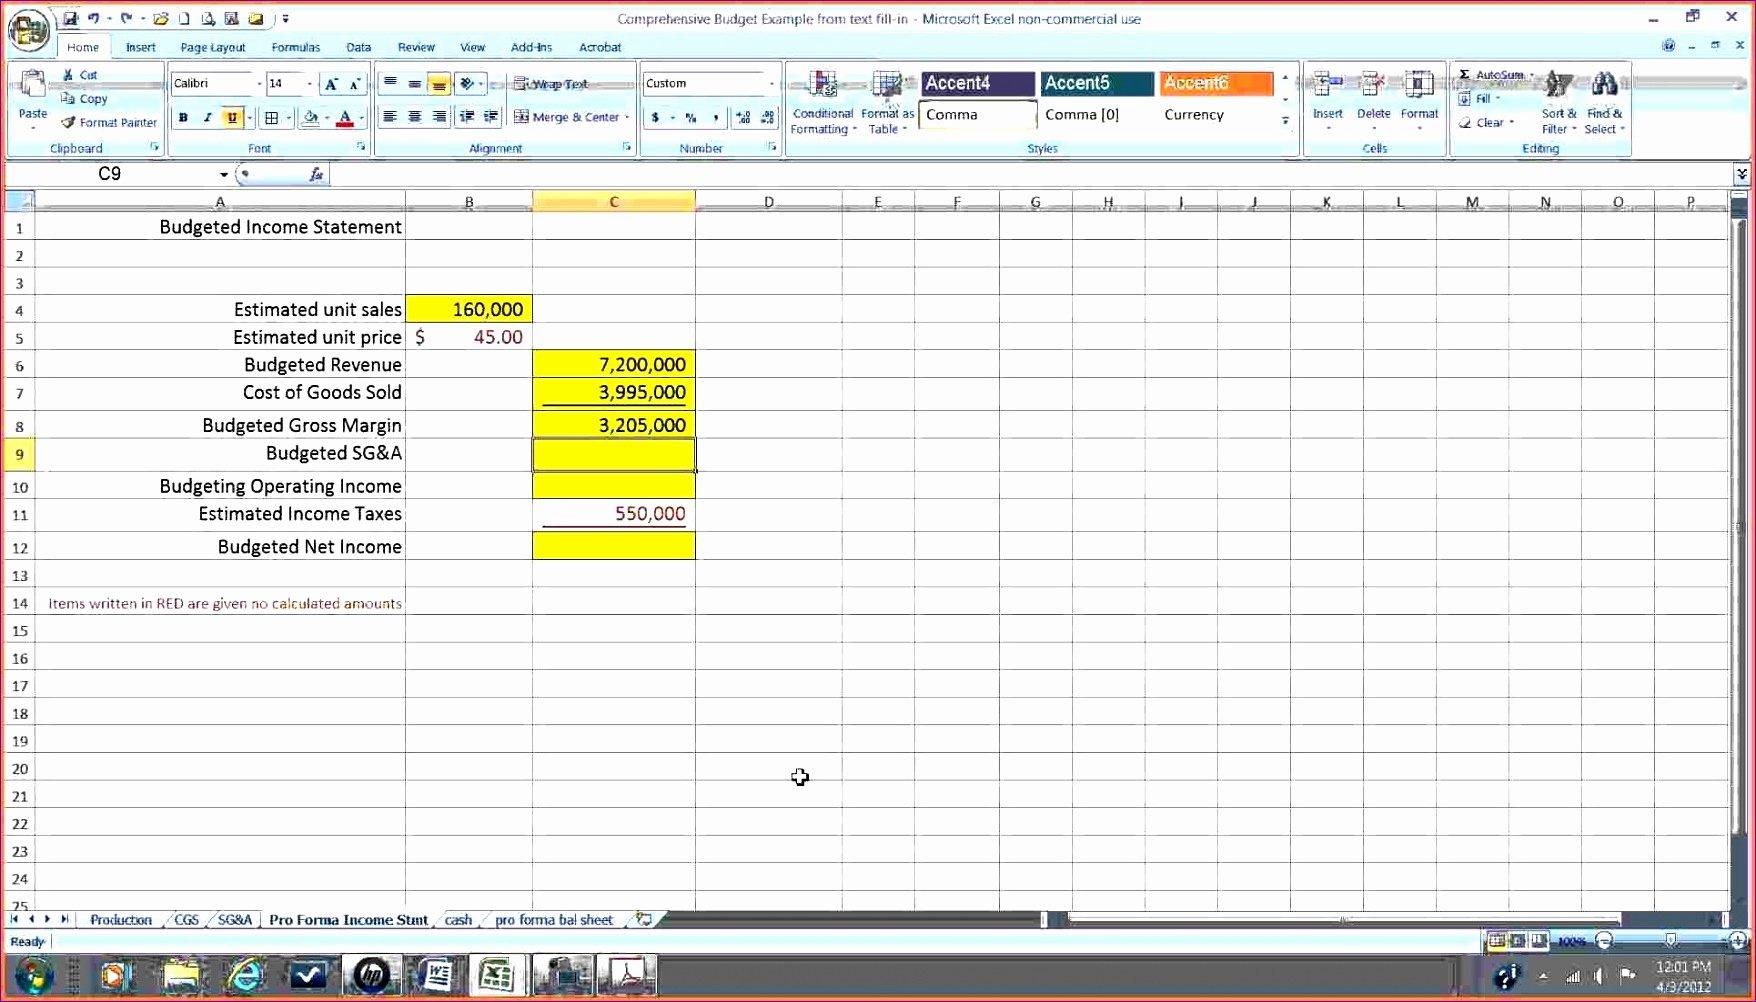 Financial Statements Excel Template Unique 6 Financial Statements Template Excel Exceltemplates